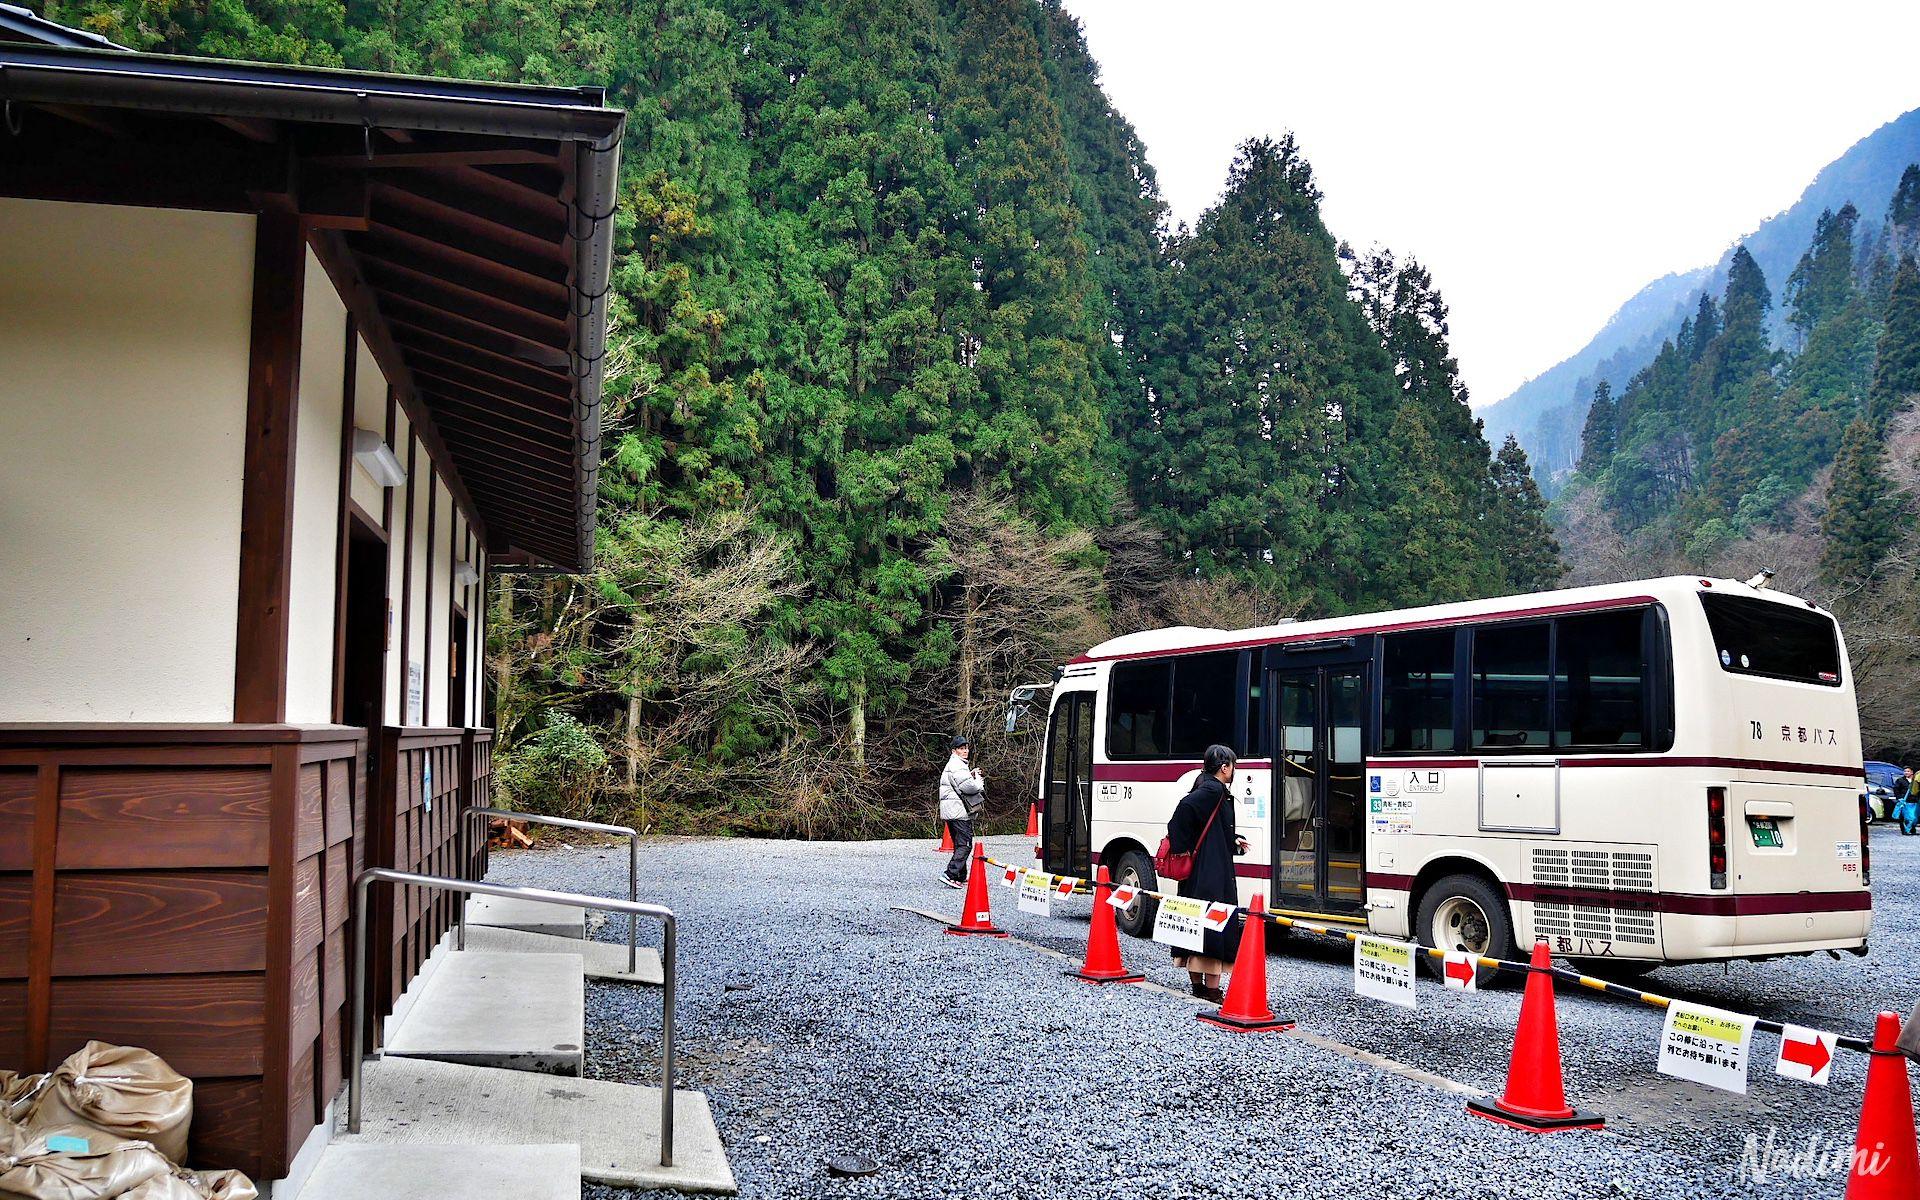 การเดินทางไปเที่ยวศาลเจ้าคิฟุเนะ เกียวโต ศาลเจ้าญี่ปุ่นขอพรเรื่องความรัก